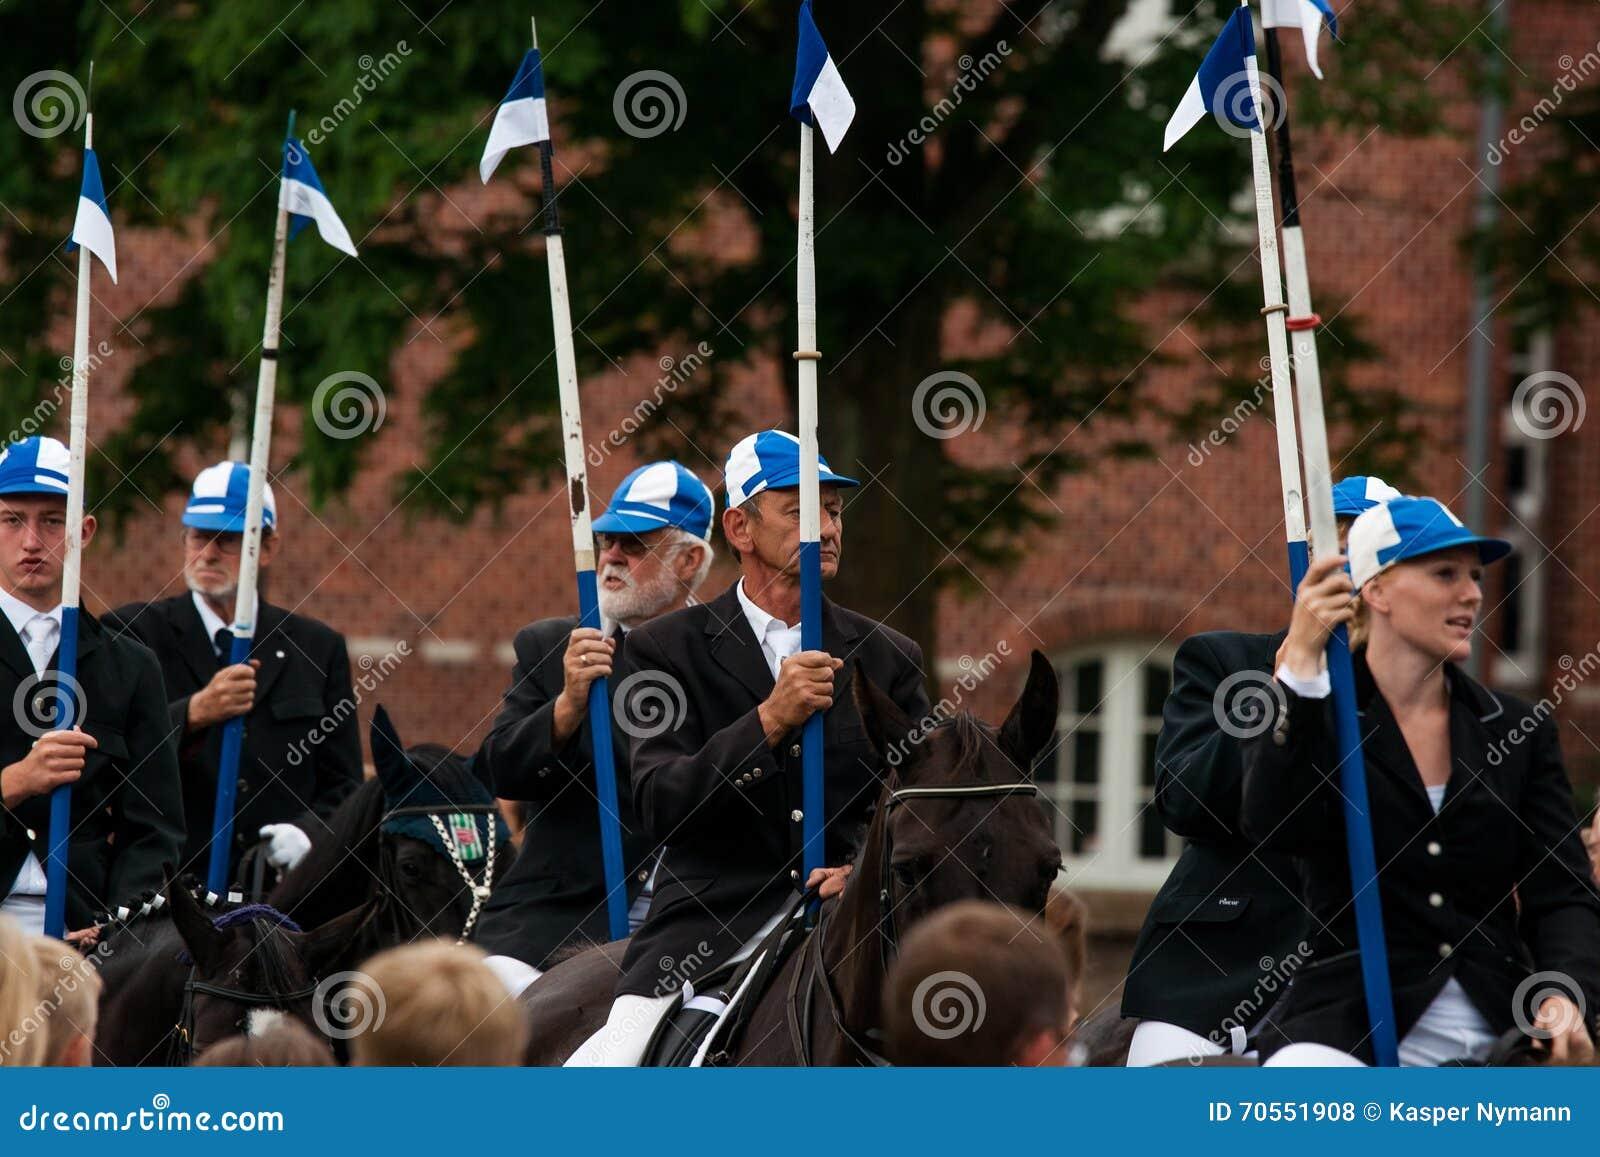 AABENRAA, DÄNEMARK - 6. JULI - 2014: Teilnehmende Reiter in einer Gleichheit